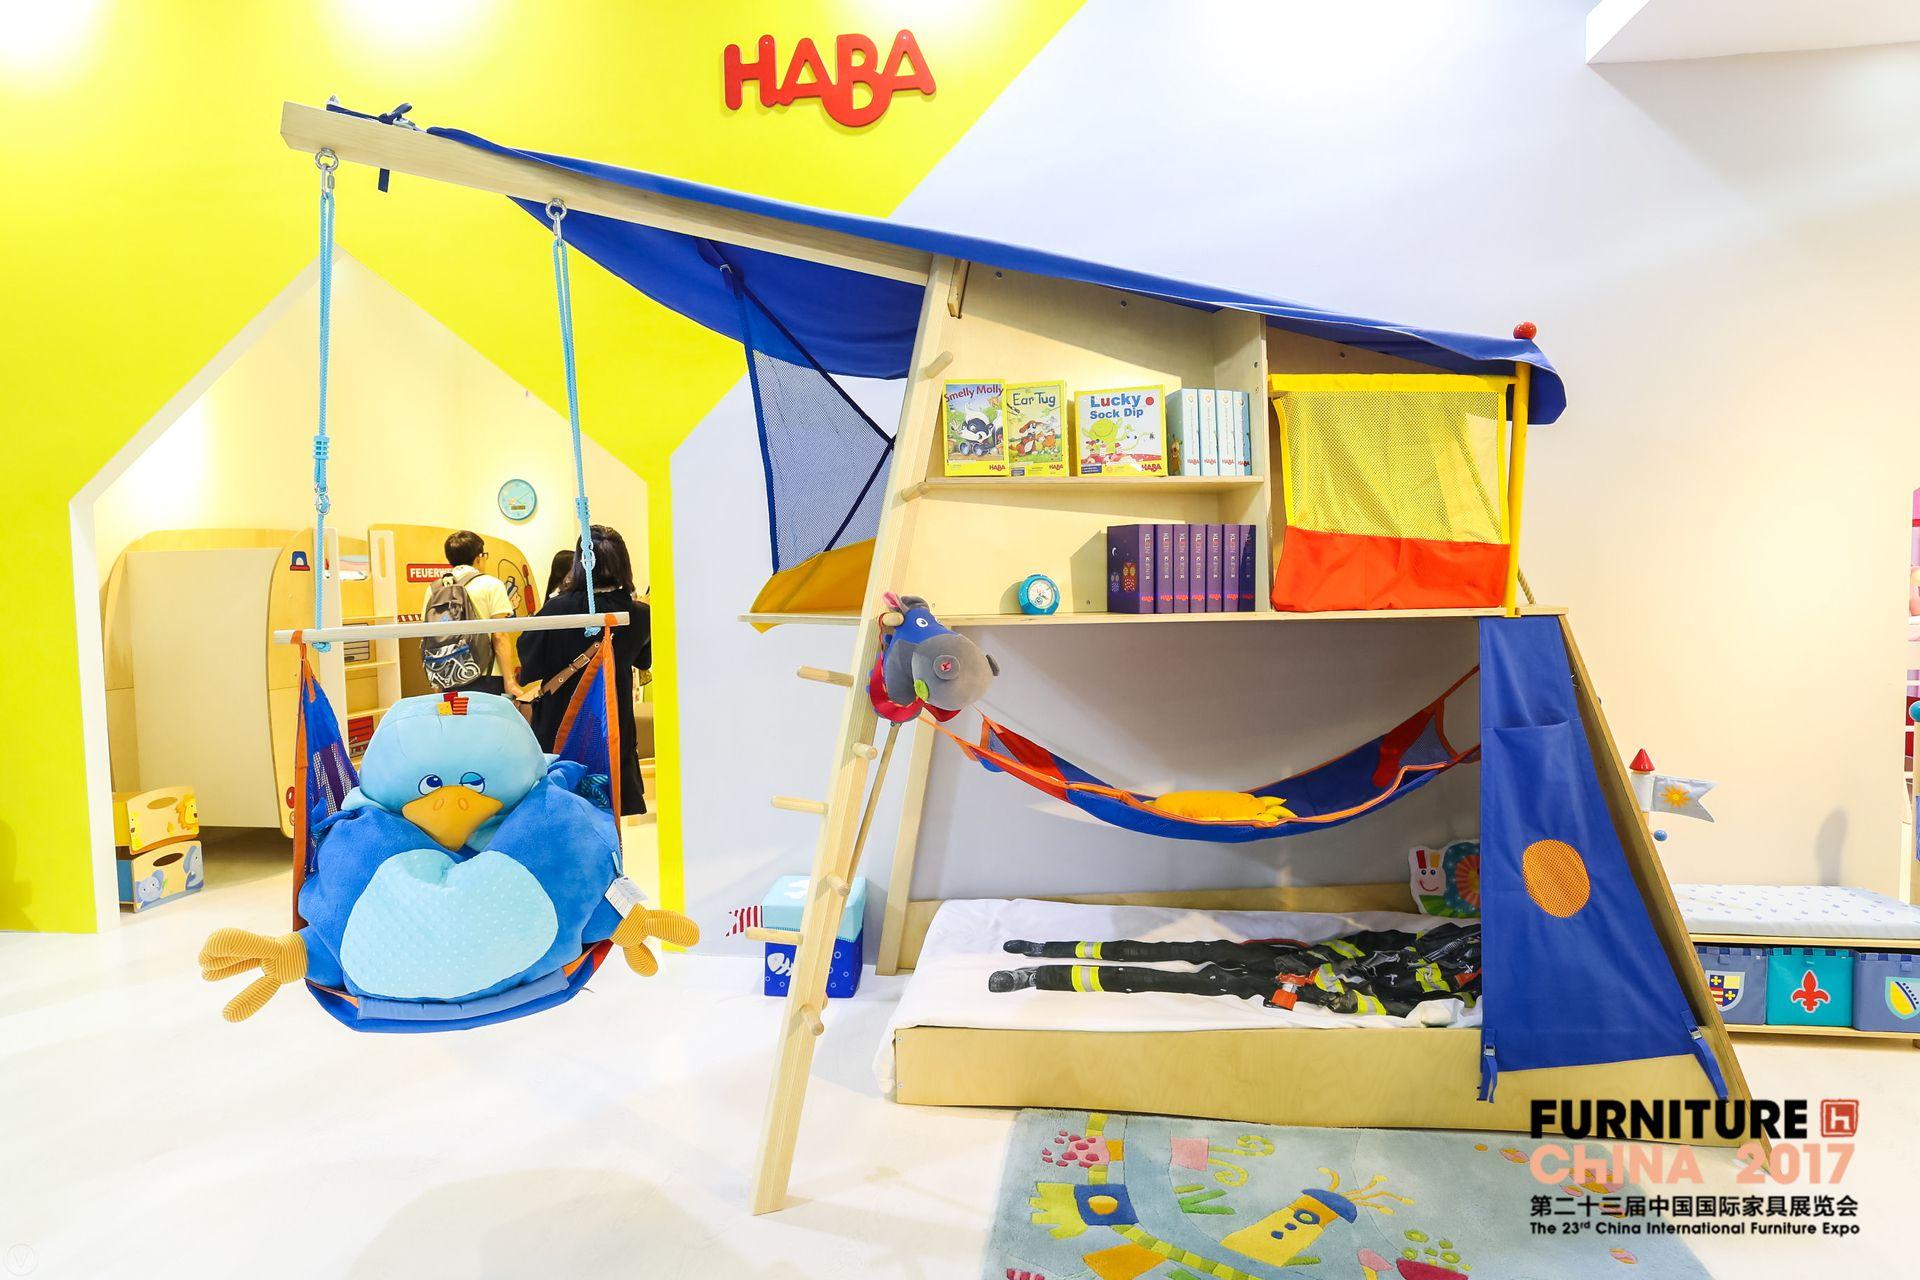 家具在线带你逛展|儿童家具馆